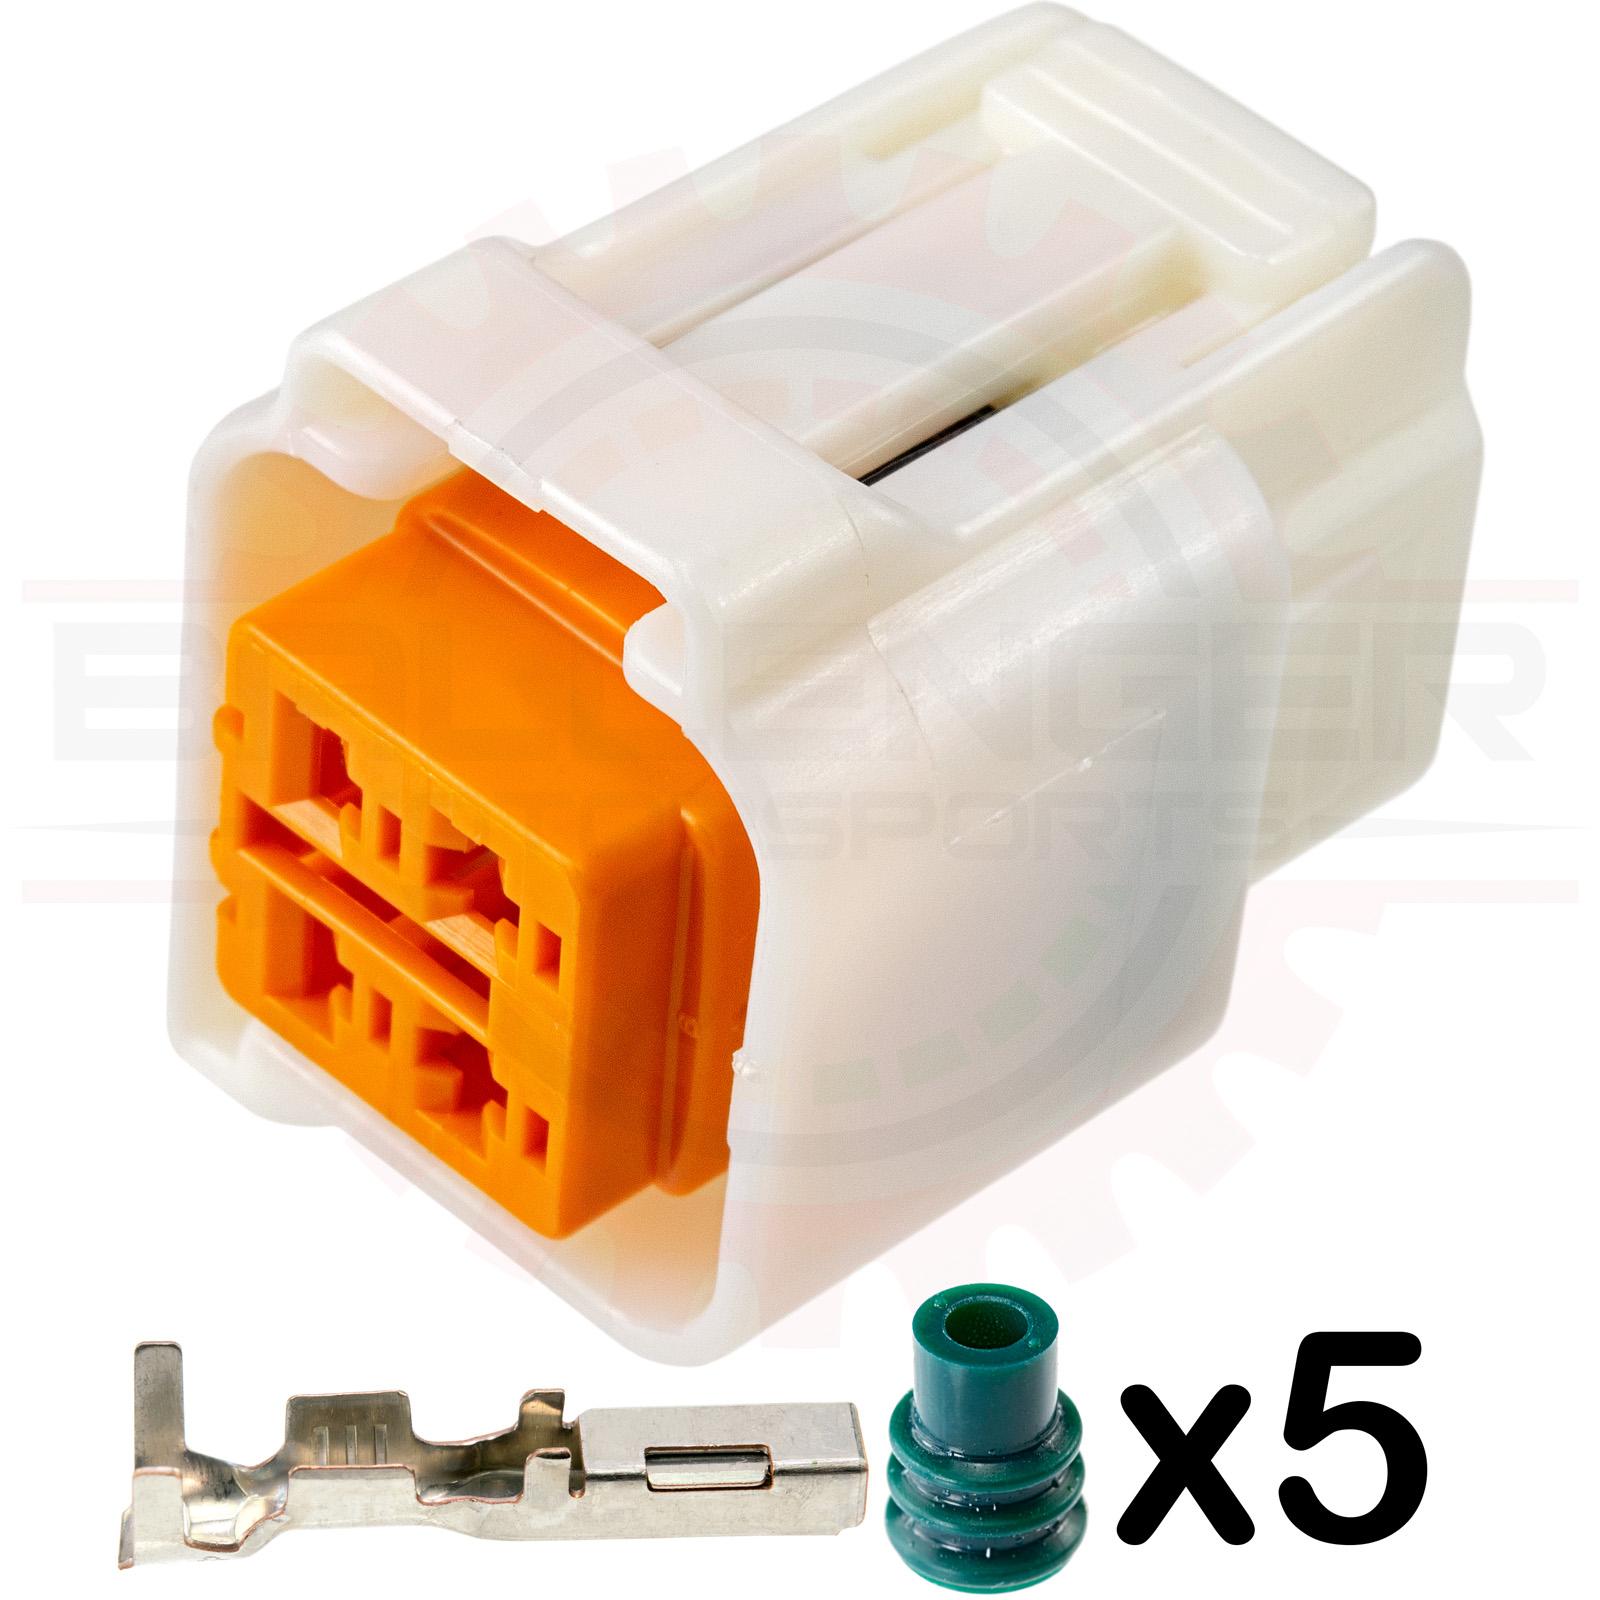 Home Shop Connectors Harnesses Sumitomo 4 Way Mazda Fuel Infiniti G37 Pump Connector Plug Kit